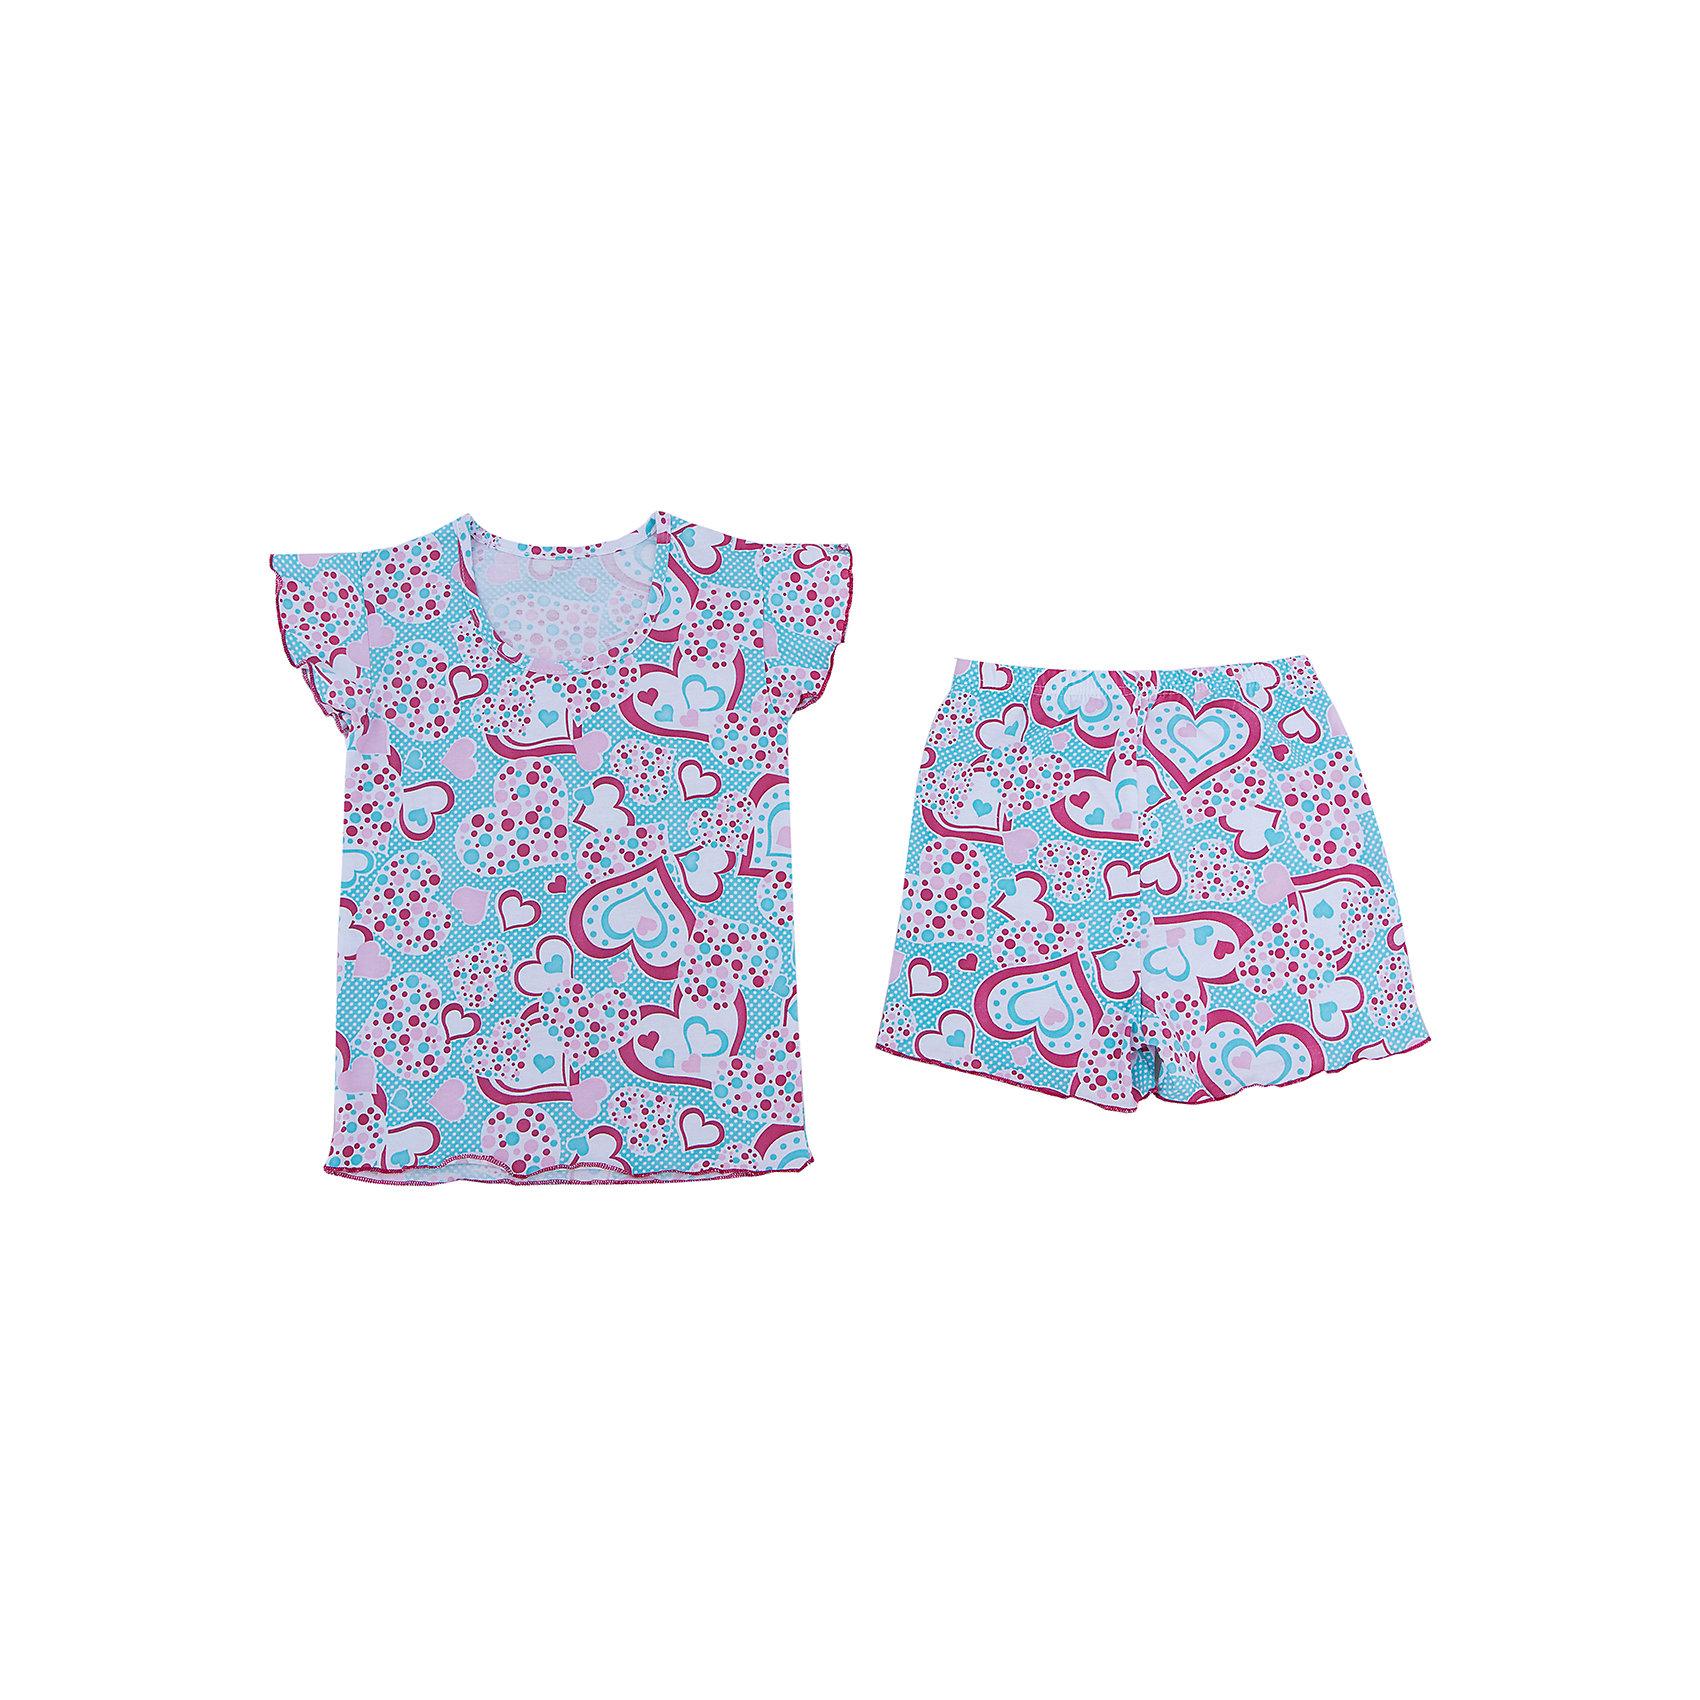 Пижама для девочки АпрельПижама для девочки Апрель.<br><br>Характеристики:<br>• состав: 100% хлопок<br>• цвет: розовый/голубой<br><br>Пижама для девочки от известной марки Апрель выполнена из мягкого хлопка, который подарит комфорт во время сна. Шортики и футболка имеют одинаковую расцветку в виде сердечек. Рукава футболки дополнены рюшами. В этой пижаме девочка увидит самые прекрасные сны!<br><br>Пижаму для девочки Апрель вы можете купить в нашем интернет-магазине.<br><br>Ширина мм: 281<br>Глубина мм: 70<br>Высота мм: 188<br>Вес г: 295<br>Цвет: розовый/голубой<br>Возраст от месяцев: 72<br>Возраст до месяцев: 84<br>Пол: Женский<br>Возраст: Детский<br>Размер: 122,104,146,140,134,128,116,110<br>SKU: 4936767